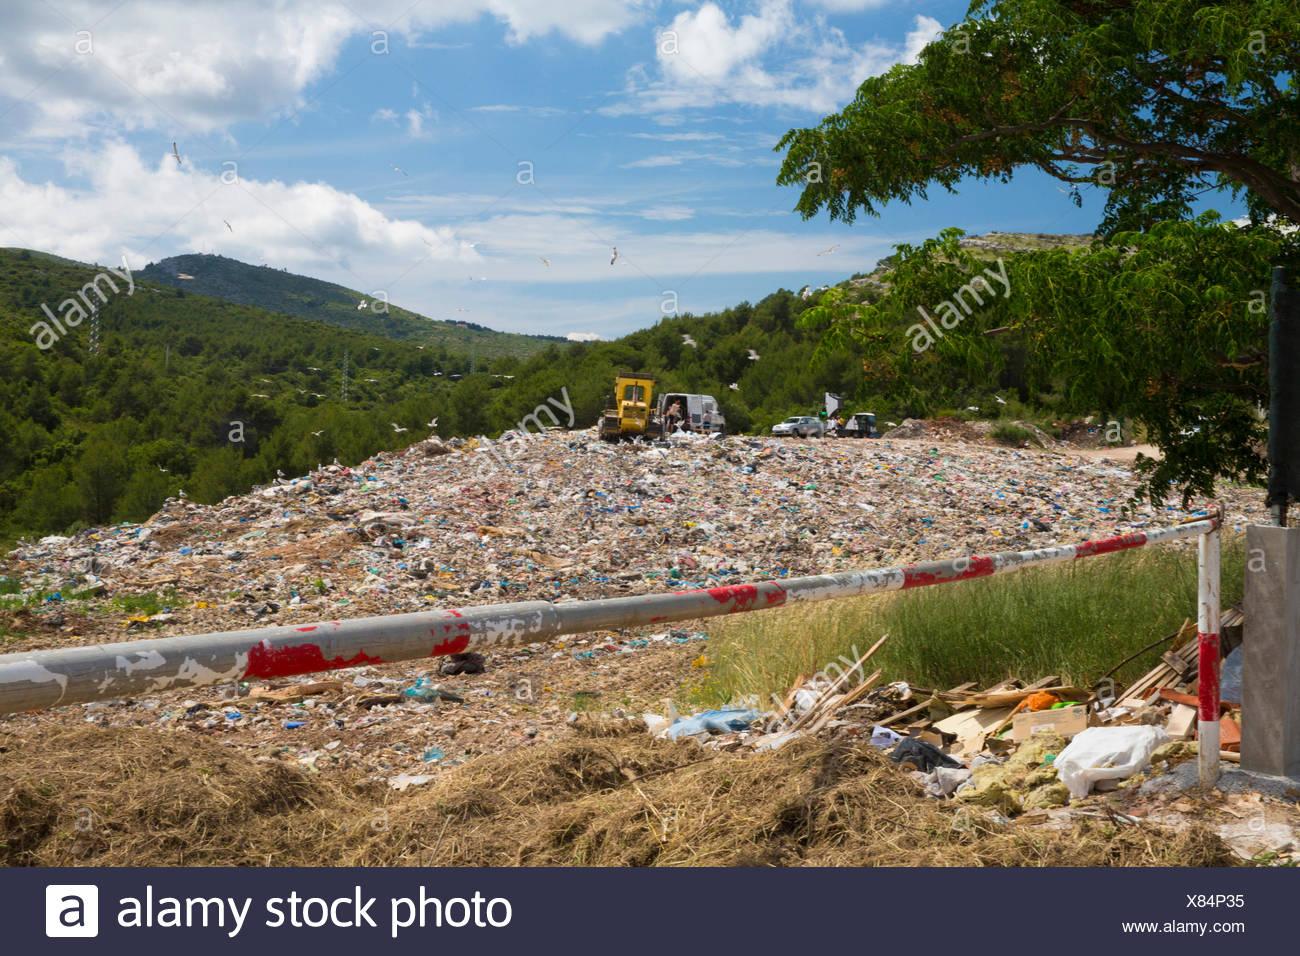 Waste disposal in Hvar, - Stock Image